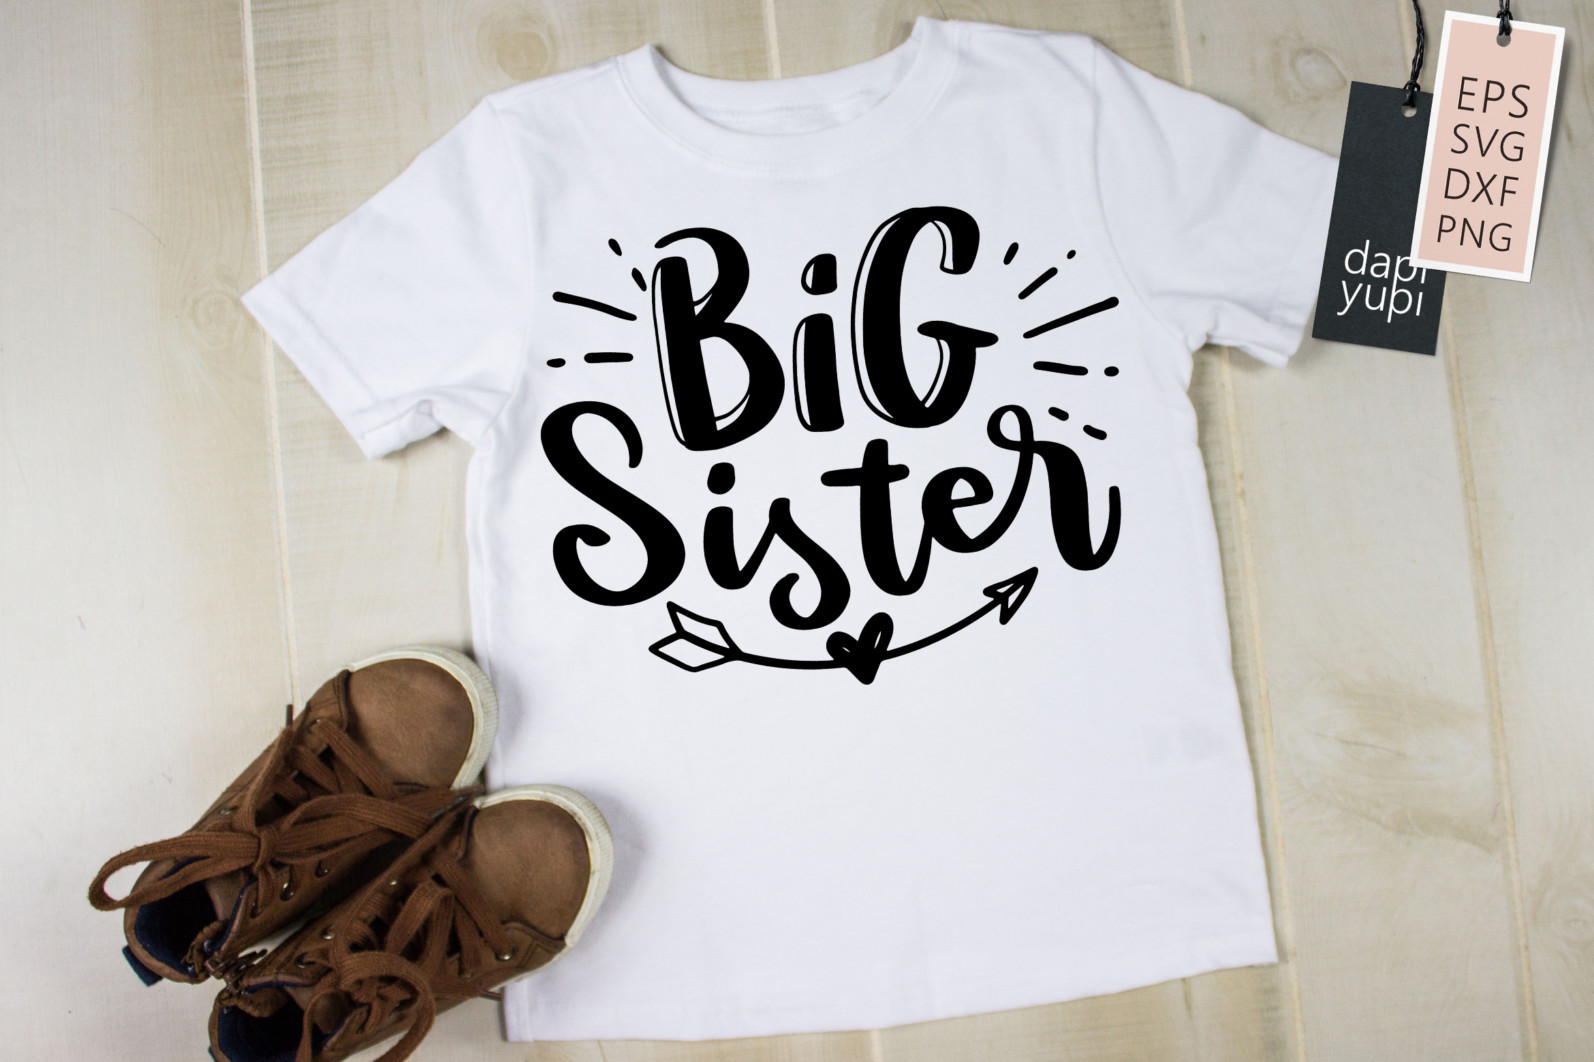 Sister Quotes SVG Bundle, Best Sister SVG Bundle, Sister SVG - sister3 -